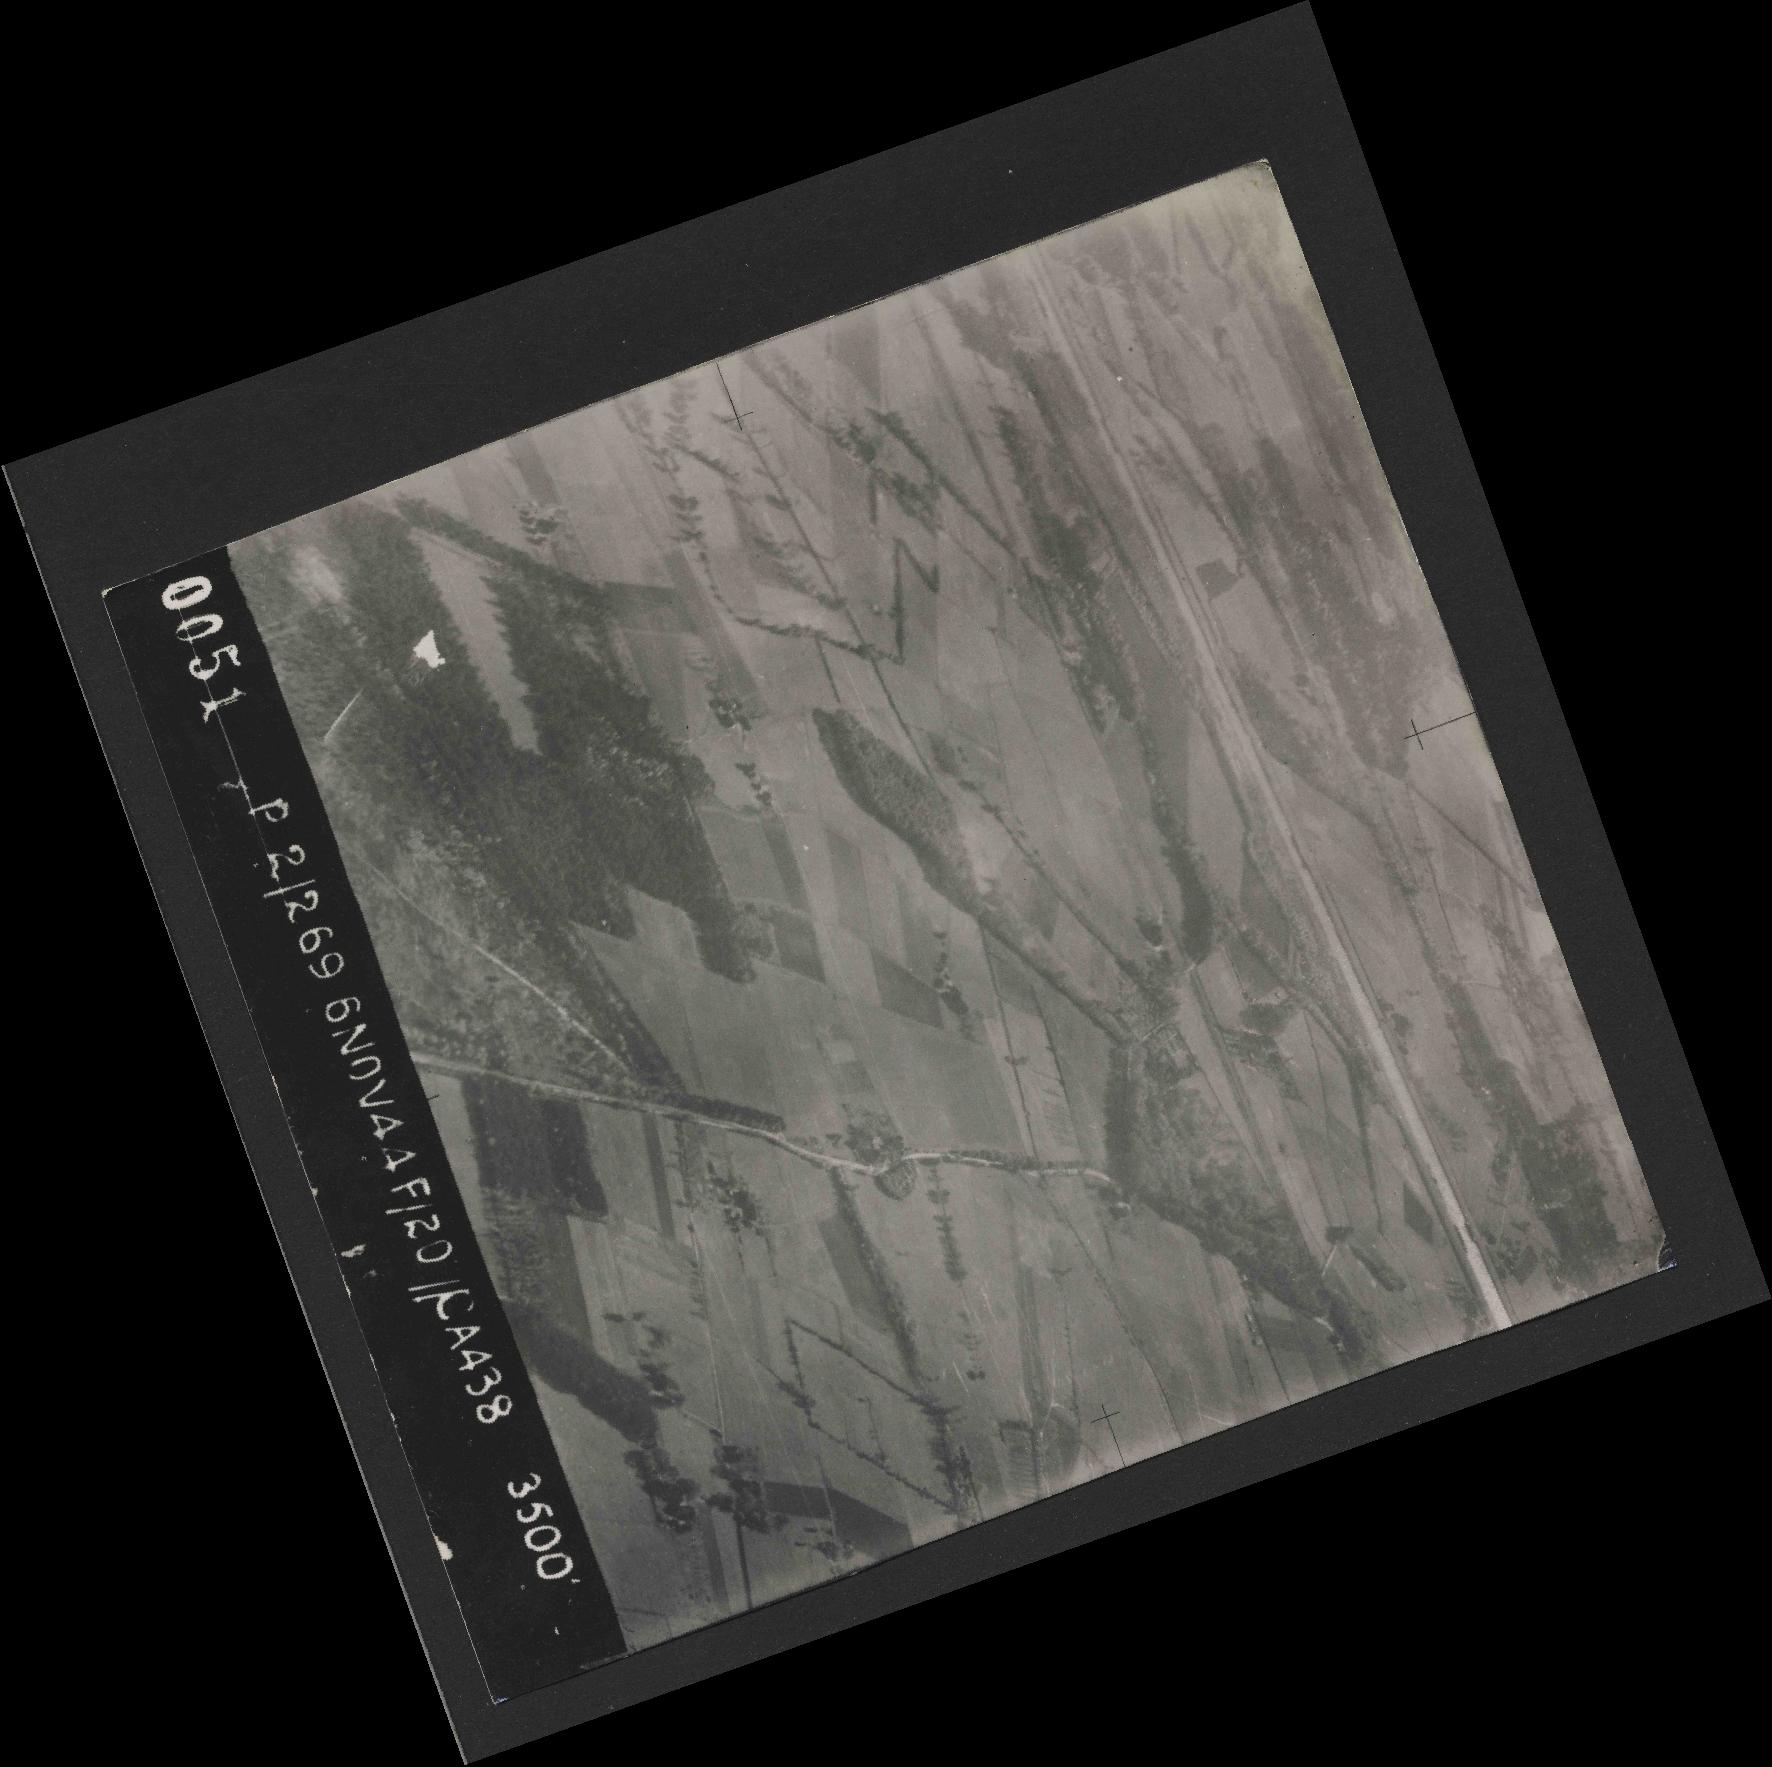 Collection RAF aerial photos 1940-1945 - flight 501, run 01, photo 0051